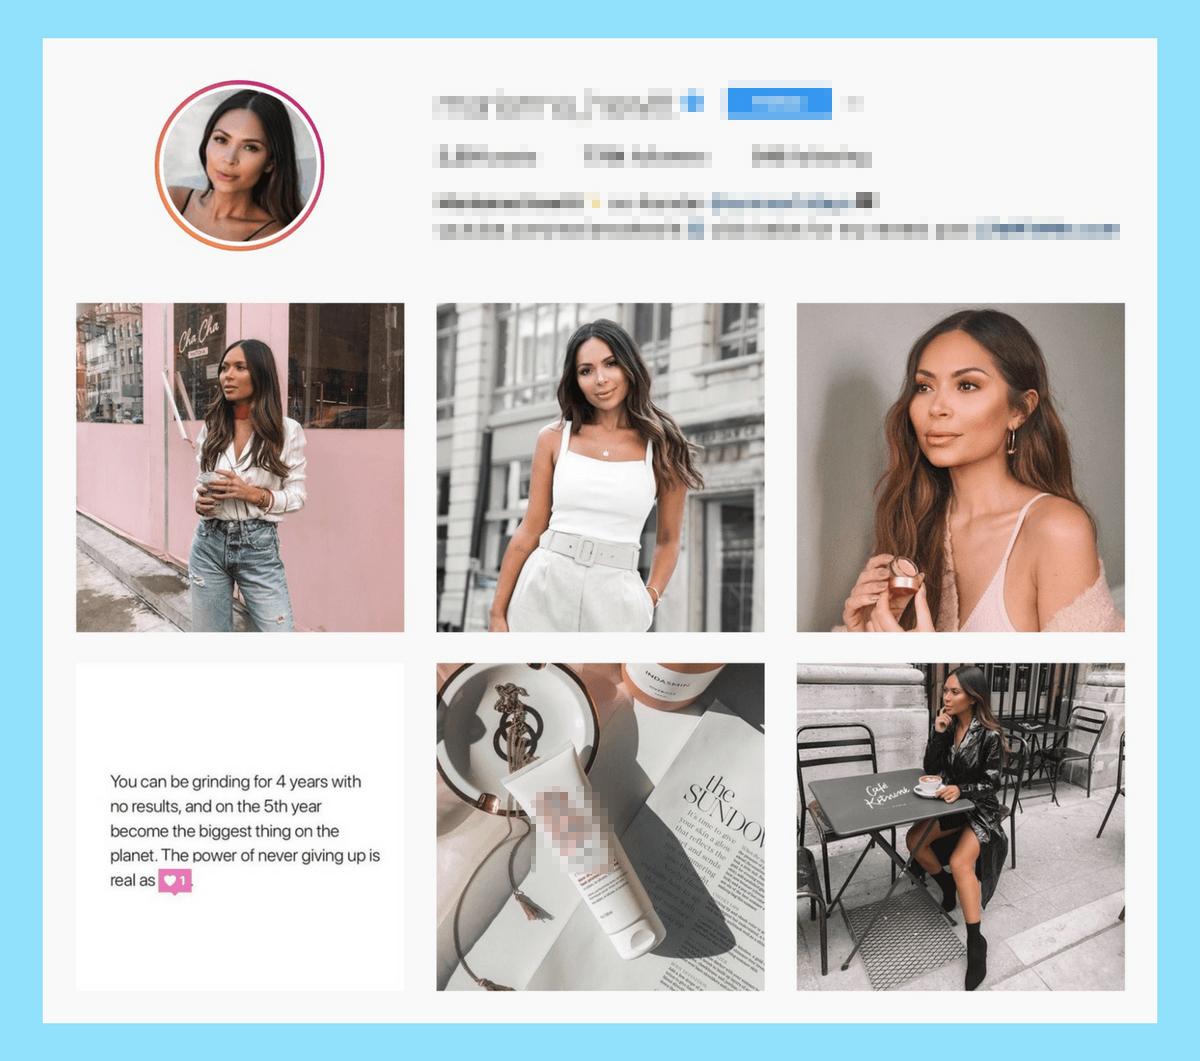 Ο τιμοκατάλογος του Instagram: Τόσες χιλιάδες ευρώ βγάζουν οι Ελληνίδες Instagrammers από τα posts τους